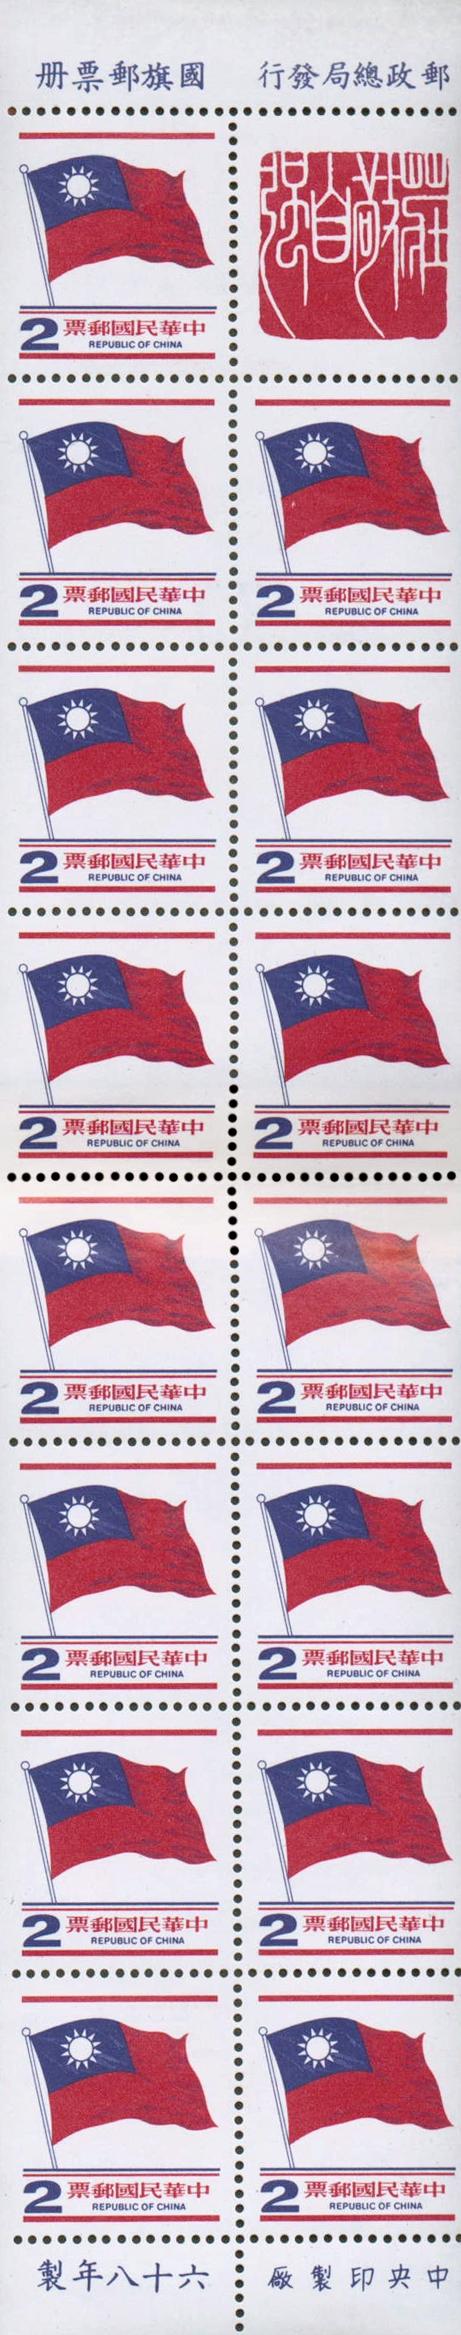 常101國旗郵票